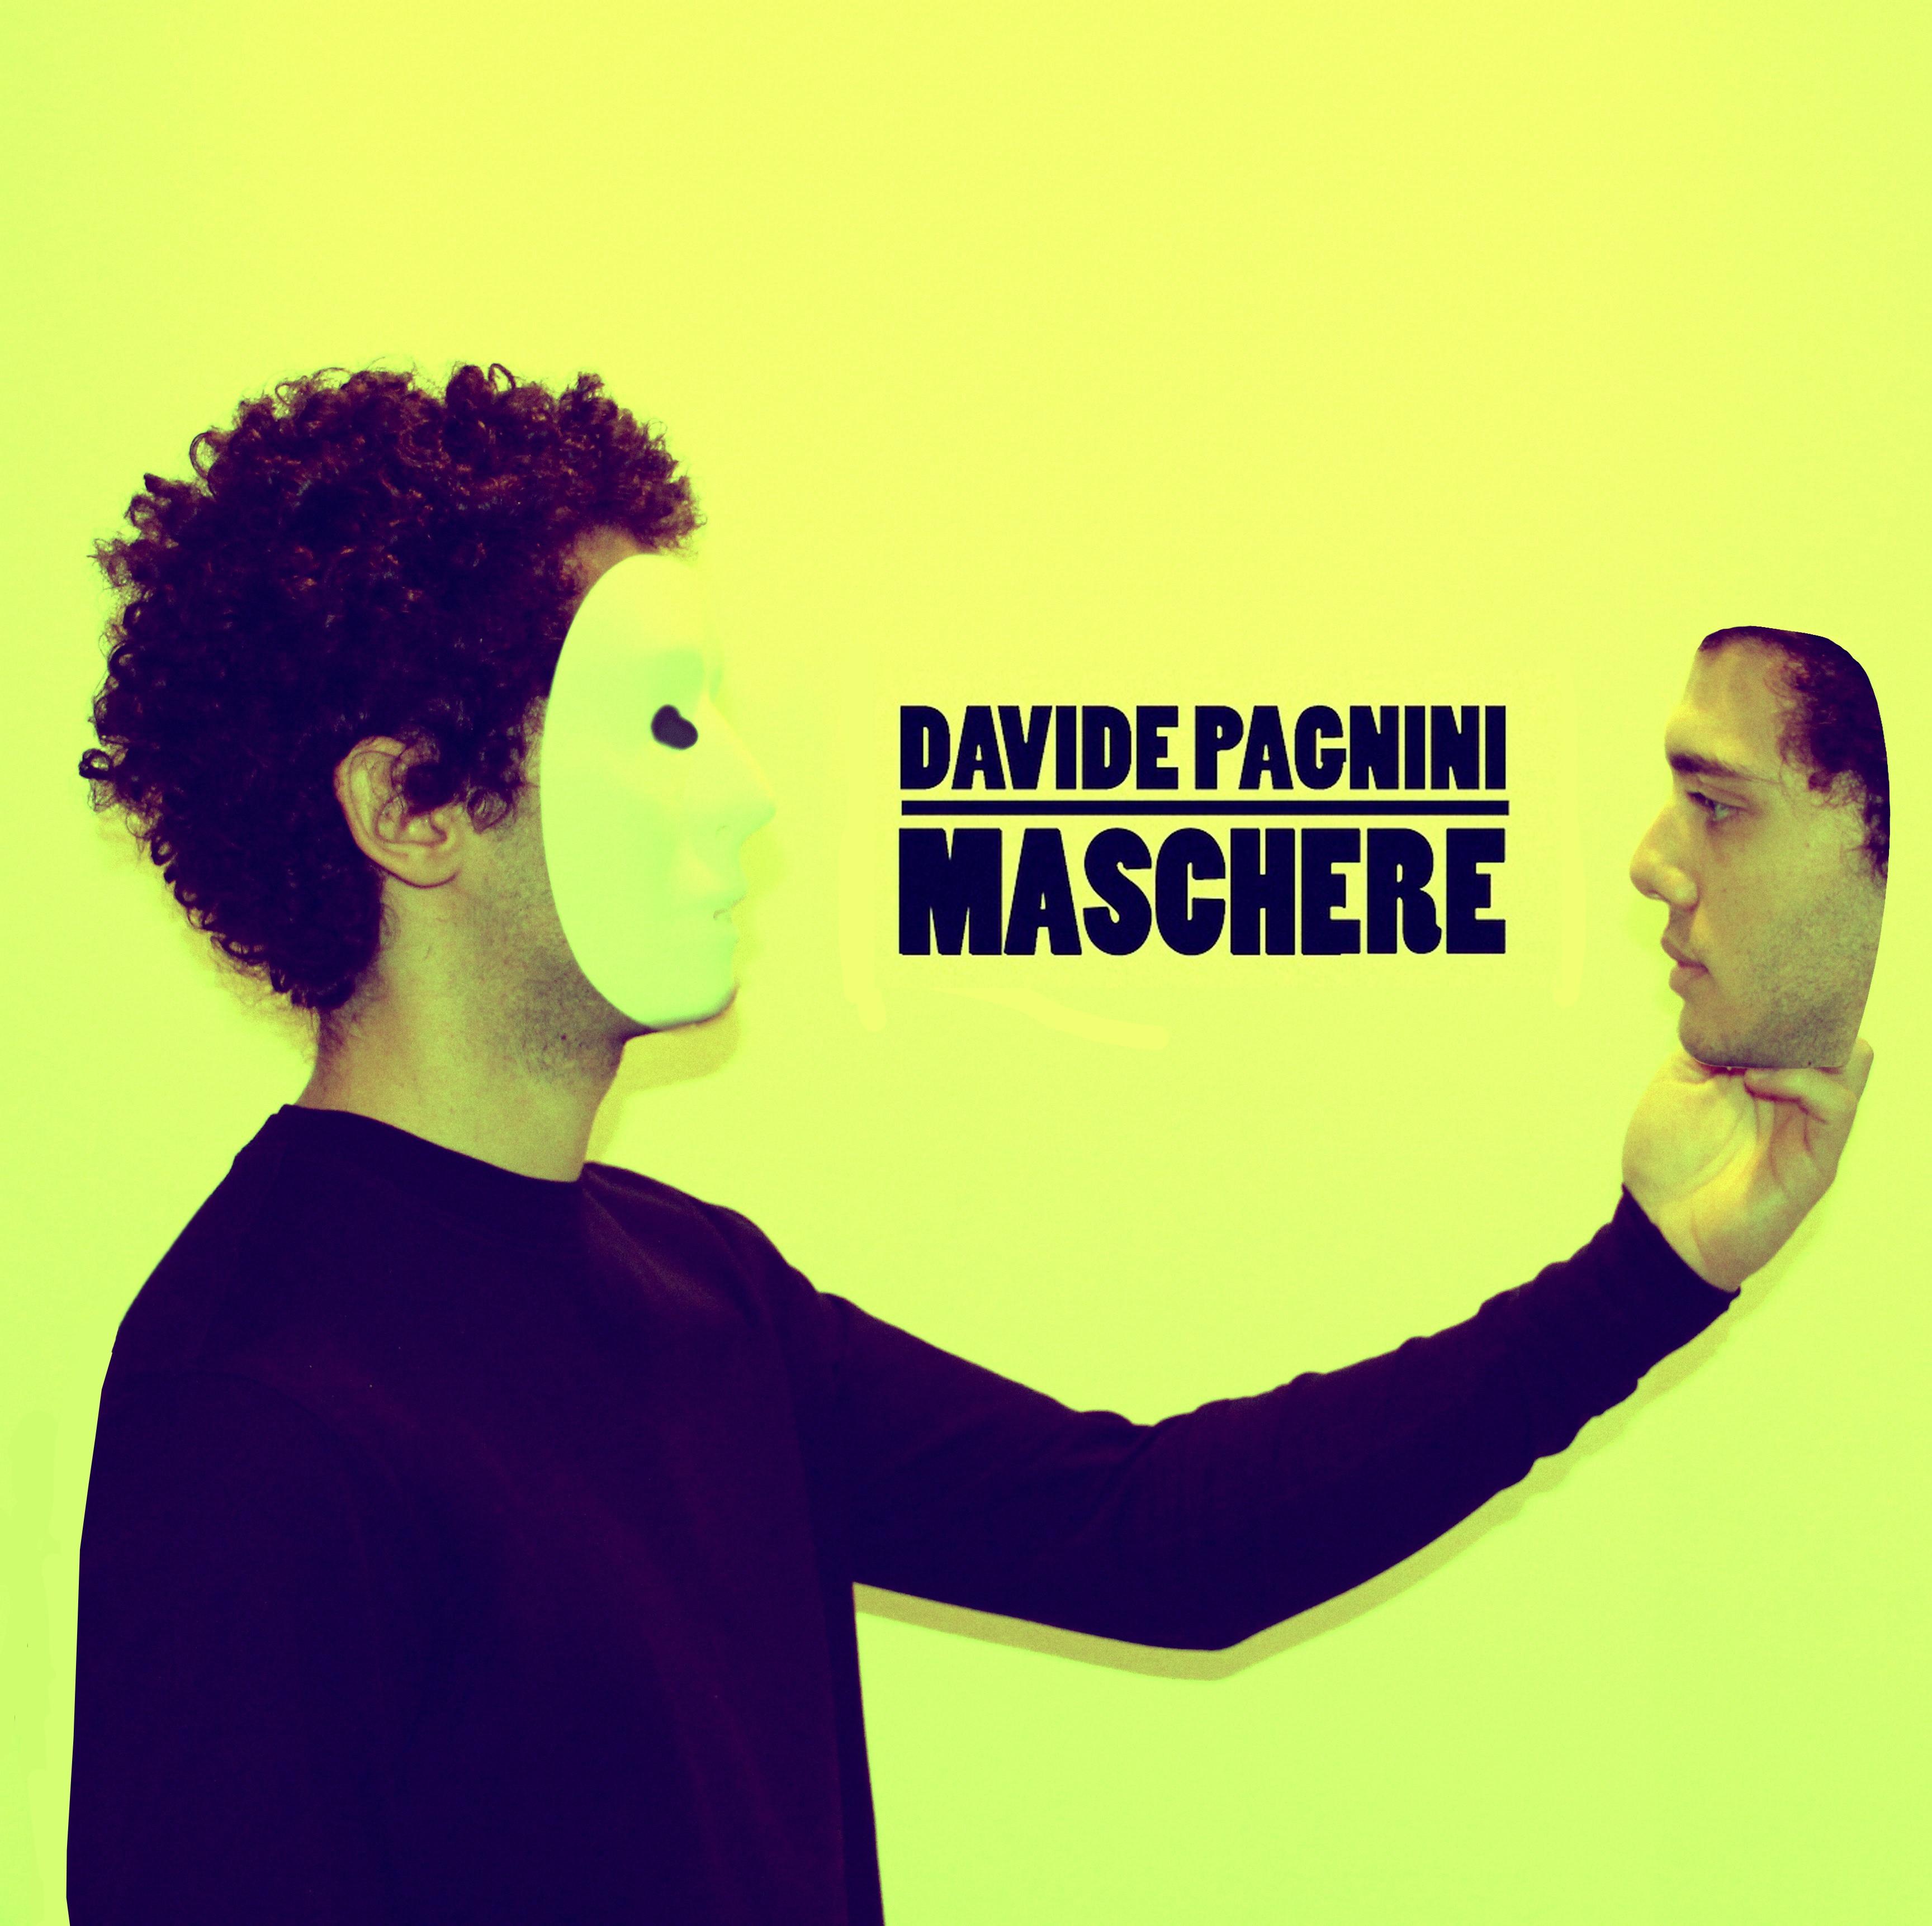 Una recensione diMaria Di Gaetano Di pirandelliana memoria, Maschere è il titolo del primo disco solista di Davide Pagnini. Contenente 12 brani, l'album presenta un sound tutto italiano che interseca […]